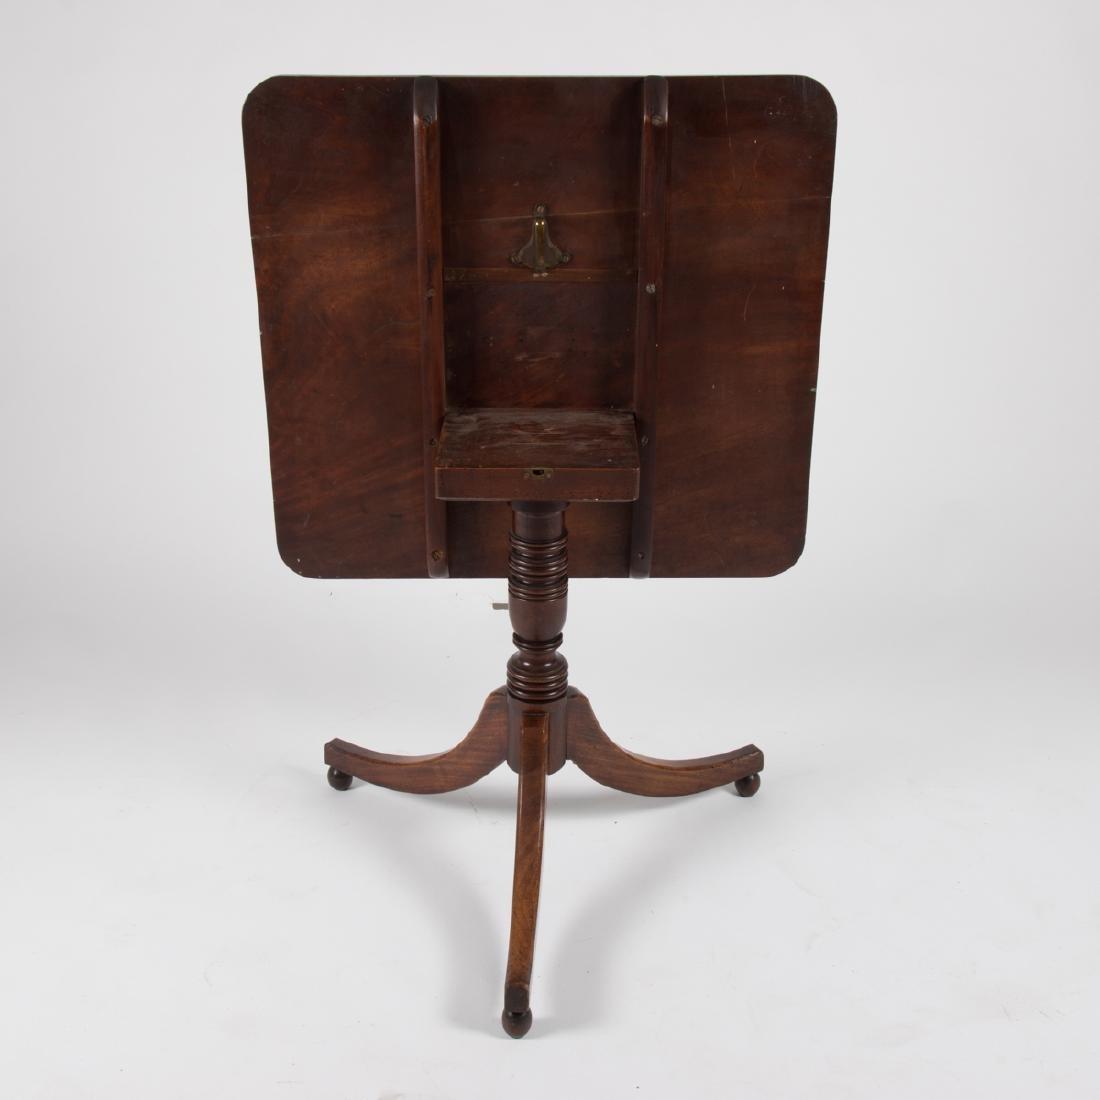 An American Federal Mahogany Tilt Top Table, ca. 1800, - 3